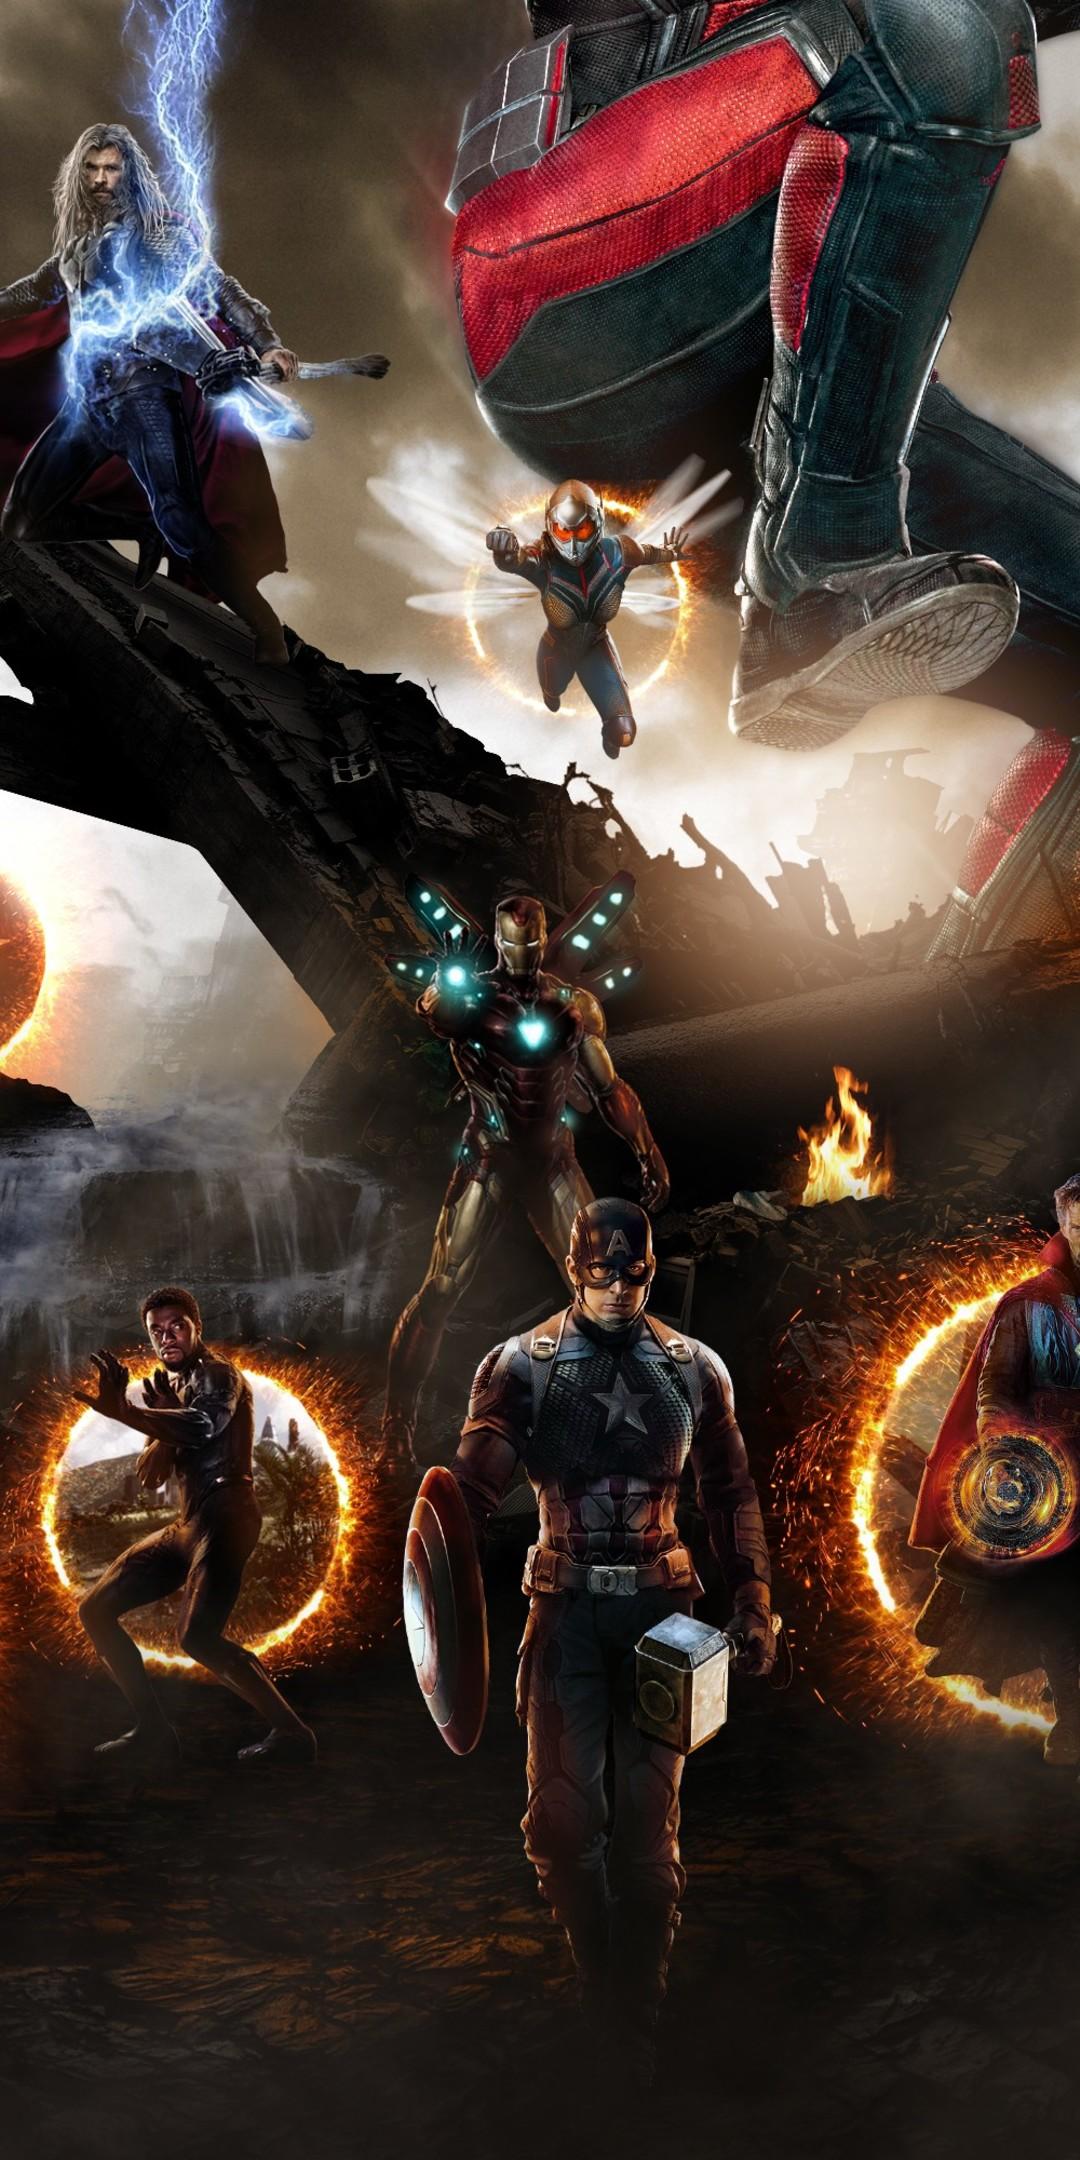 Avengers Endgame Final Battle